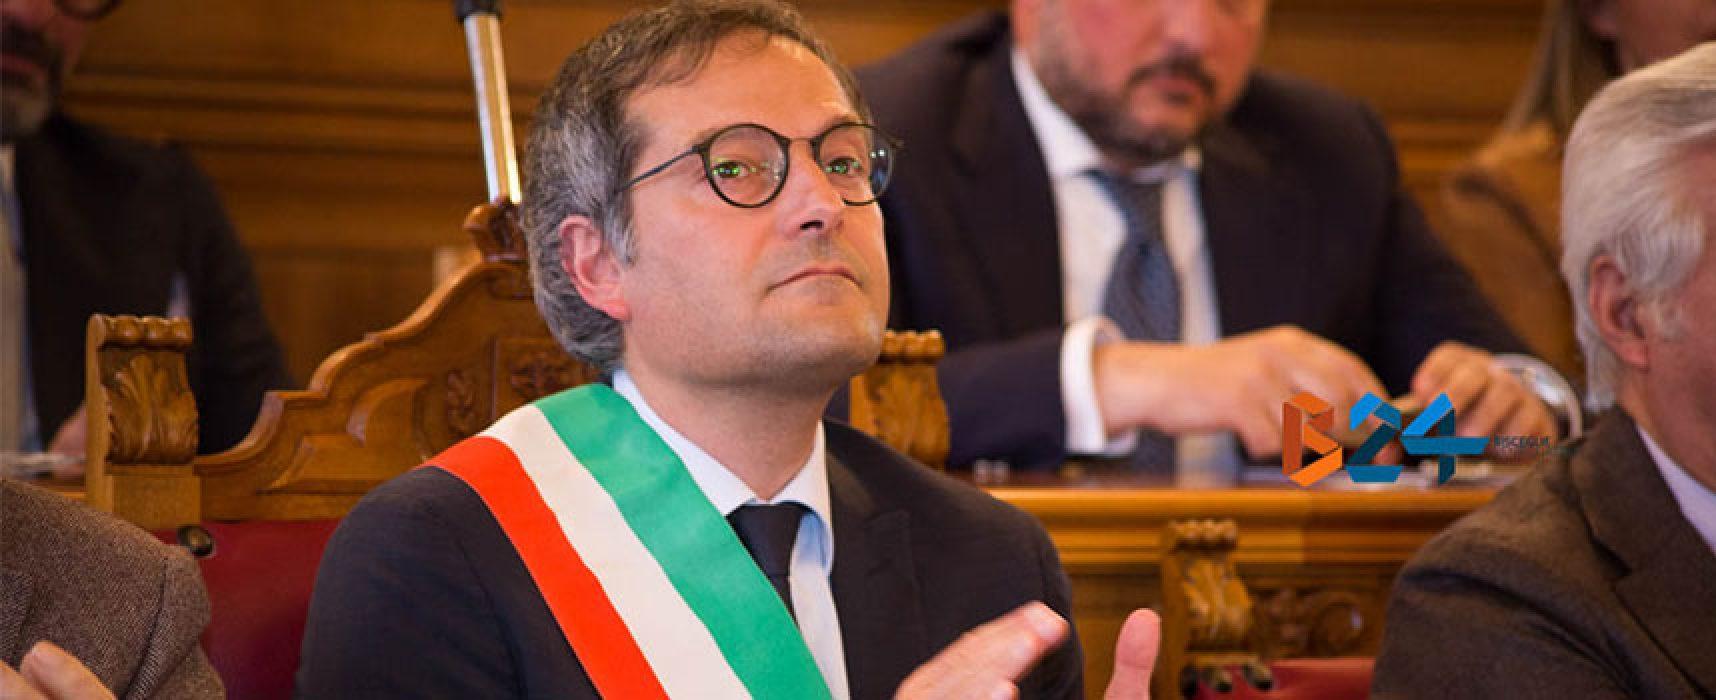 """Angarano su questione case popolari: """"Spina ha diffuso ennesima notizia falsa su un argomento delicato"""""""